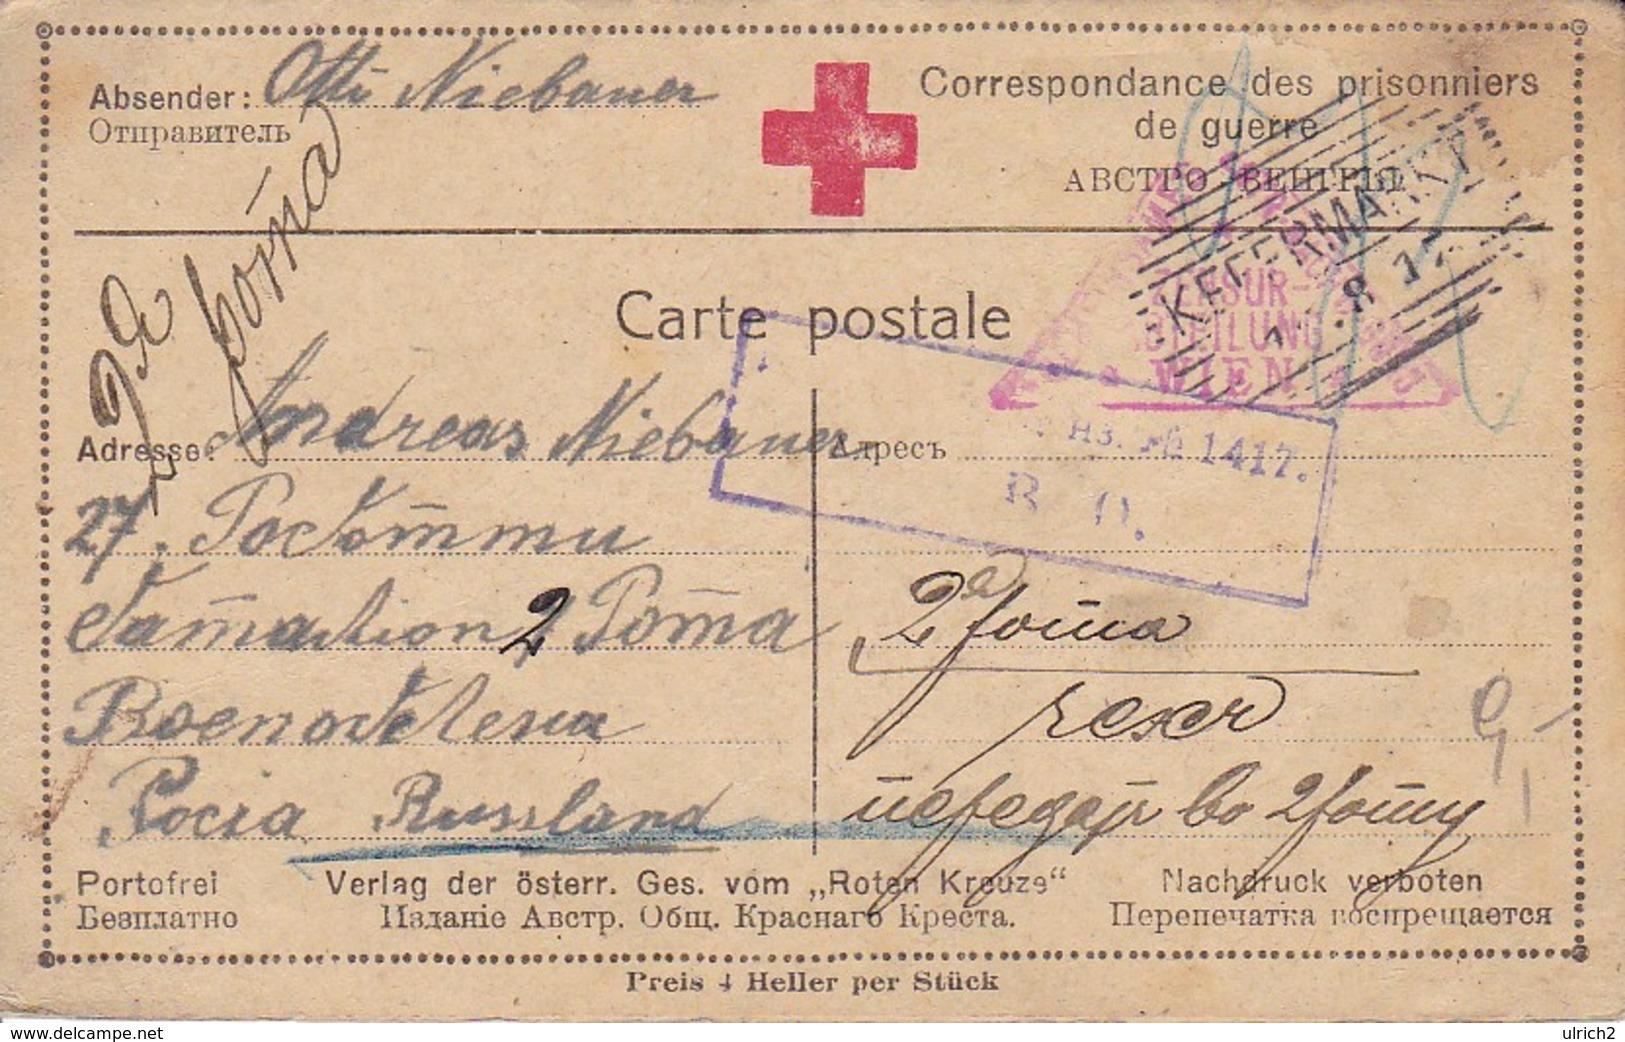 Karte Mit Antwortkarte - Kefermarkt An Kriegsgefangenen In Russland - Rotes Kreuz - POW - 1917 (39310) - Briefe U. Dokumente